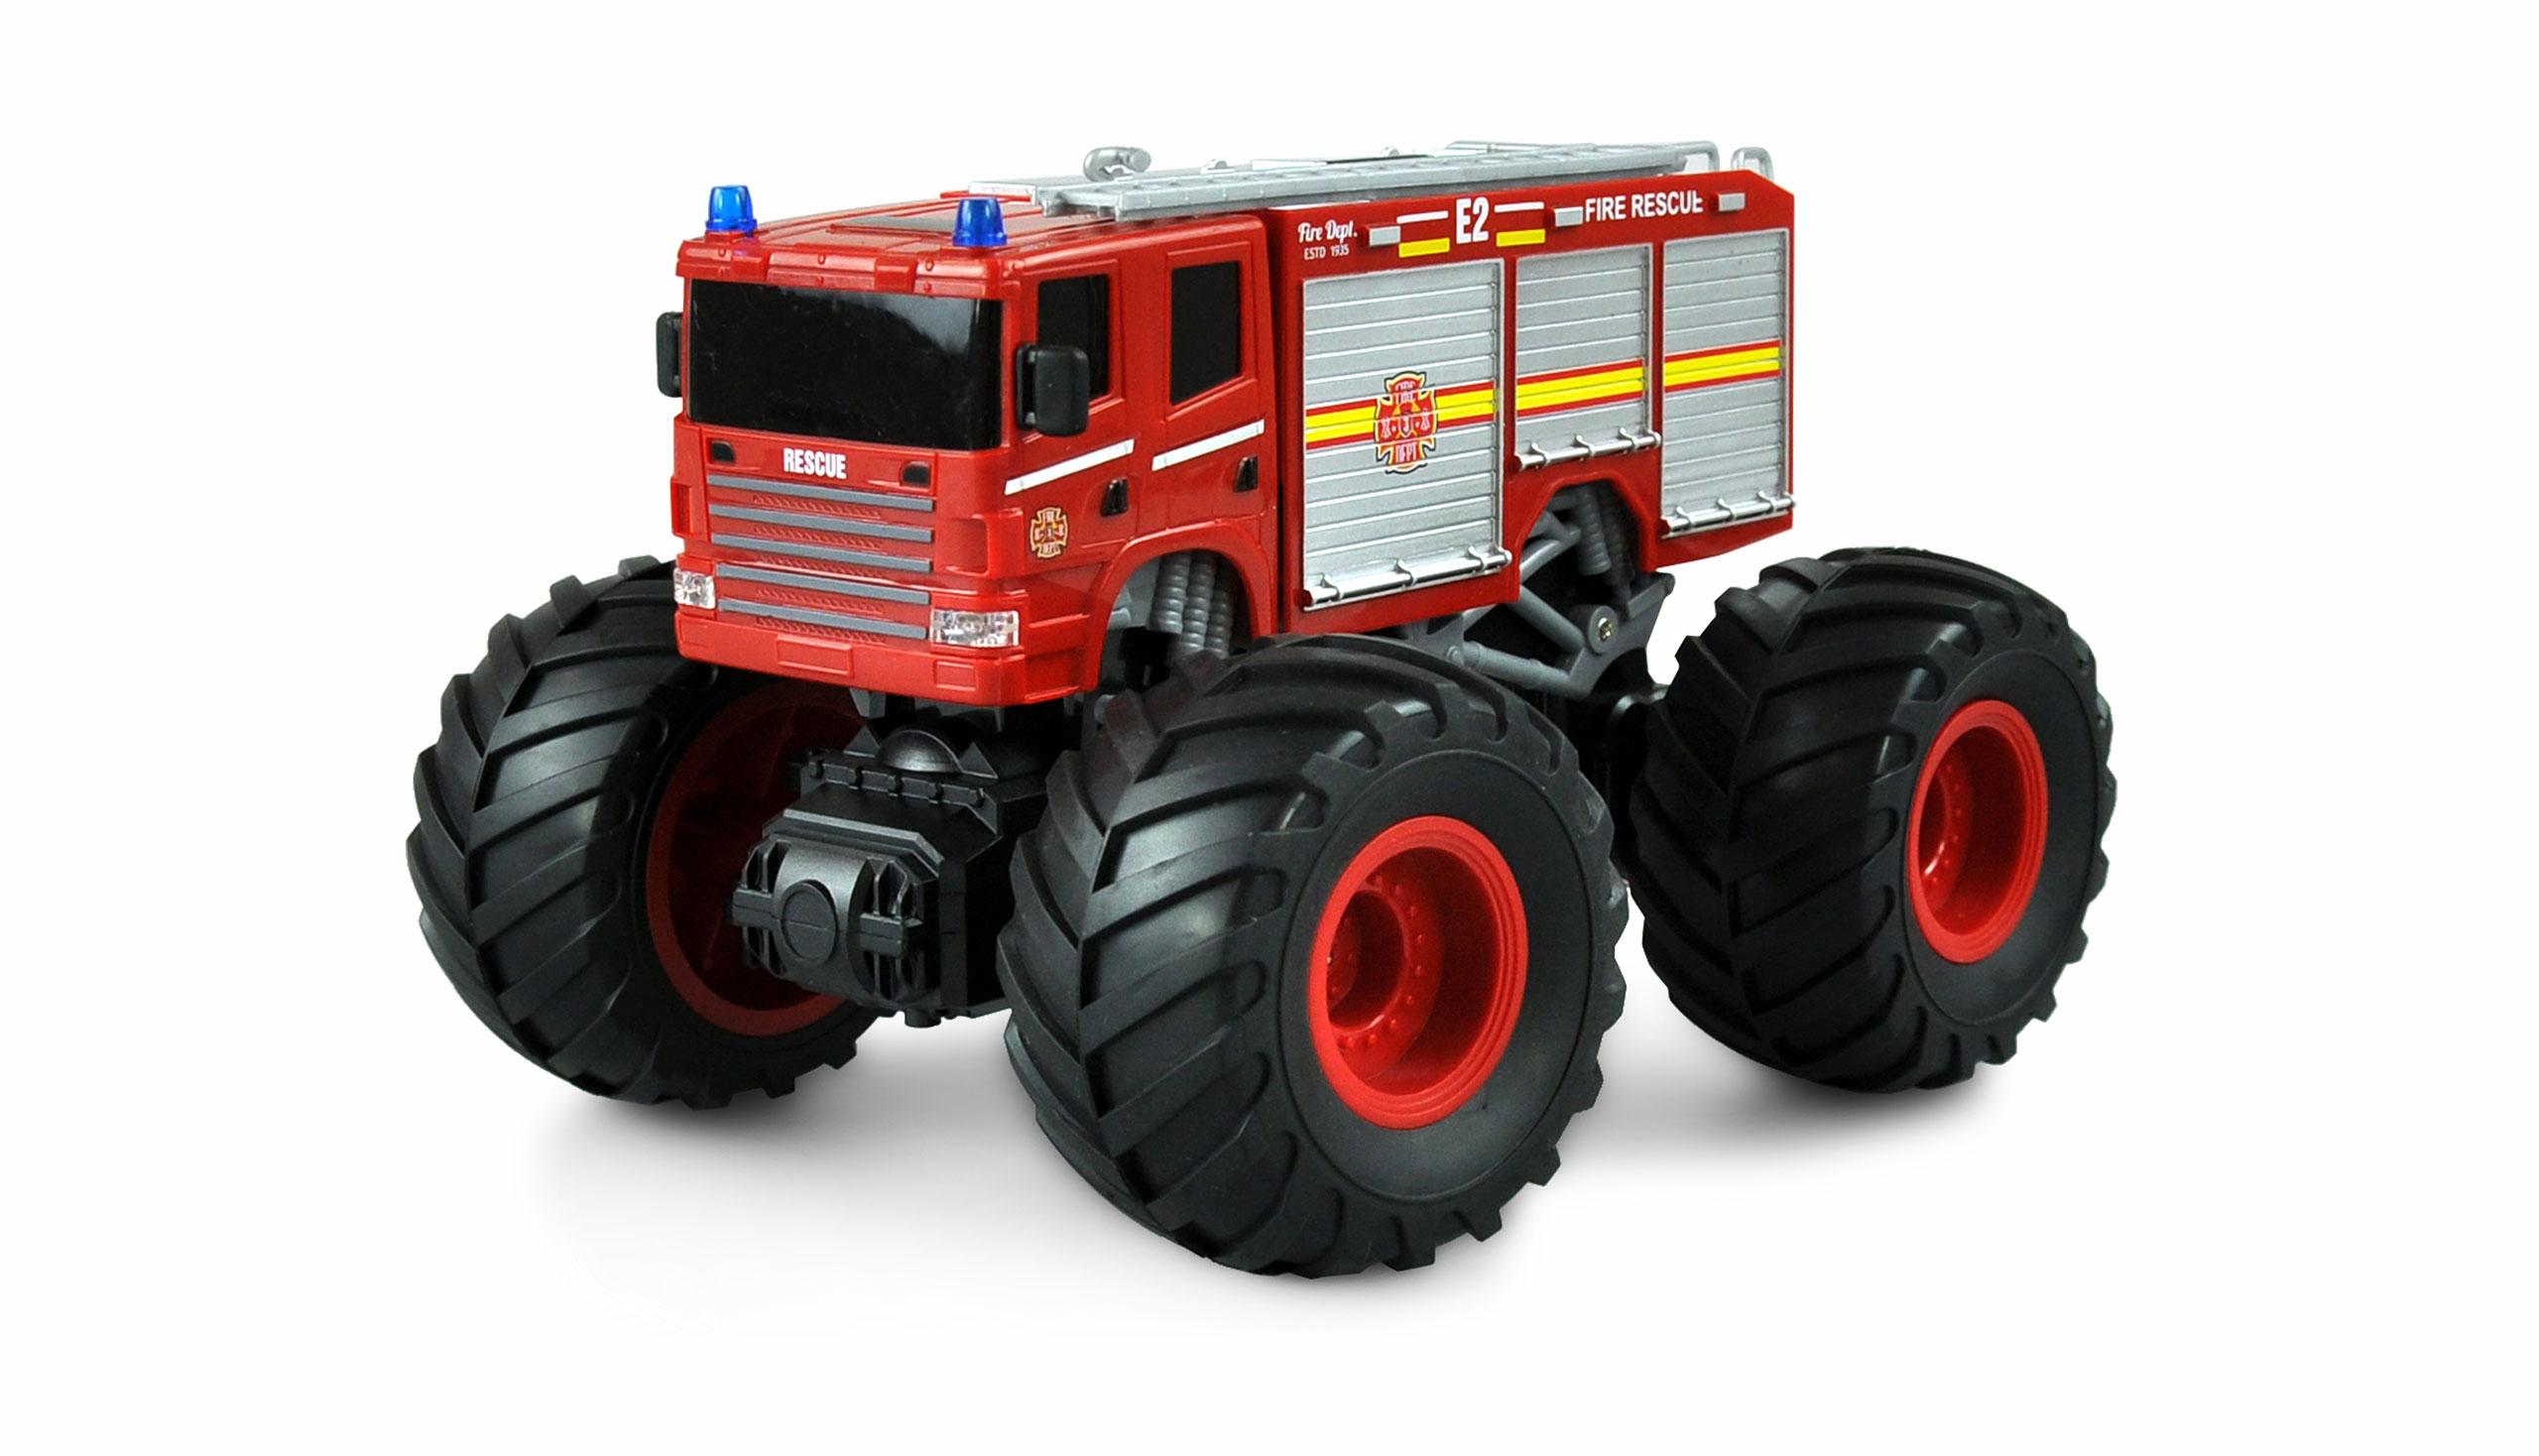 HASIČI MonsterTruck 2WD 1:18, LED, zvukový modul, offroad pneu, až 15 km/h, RTR